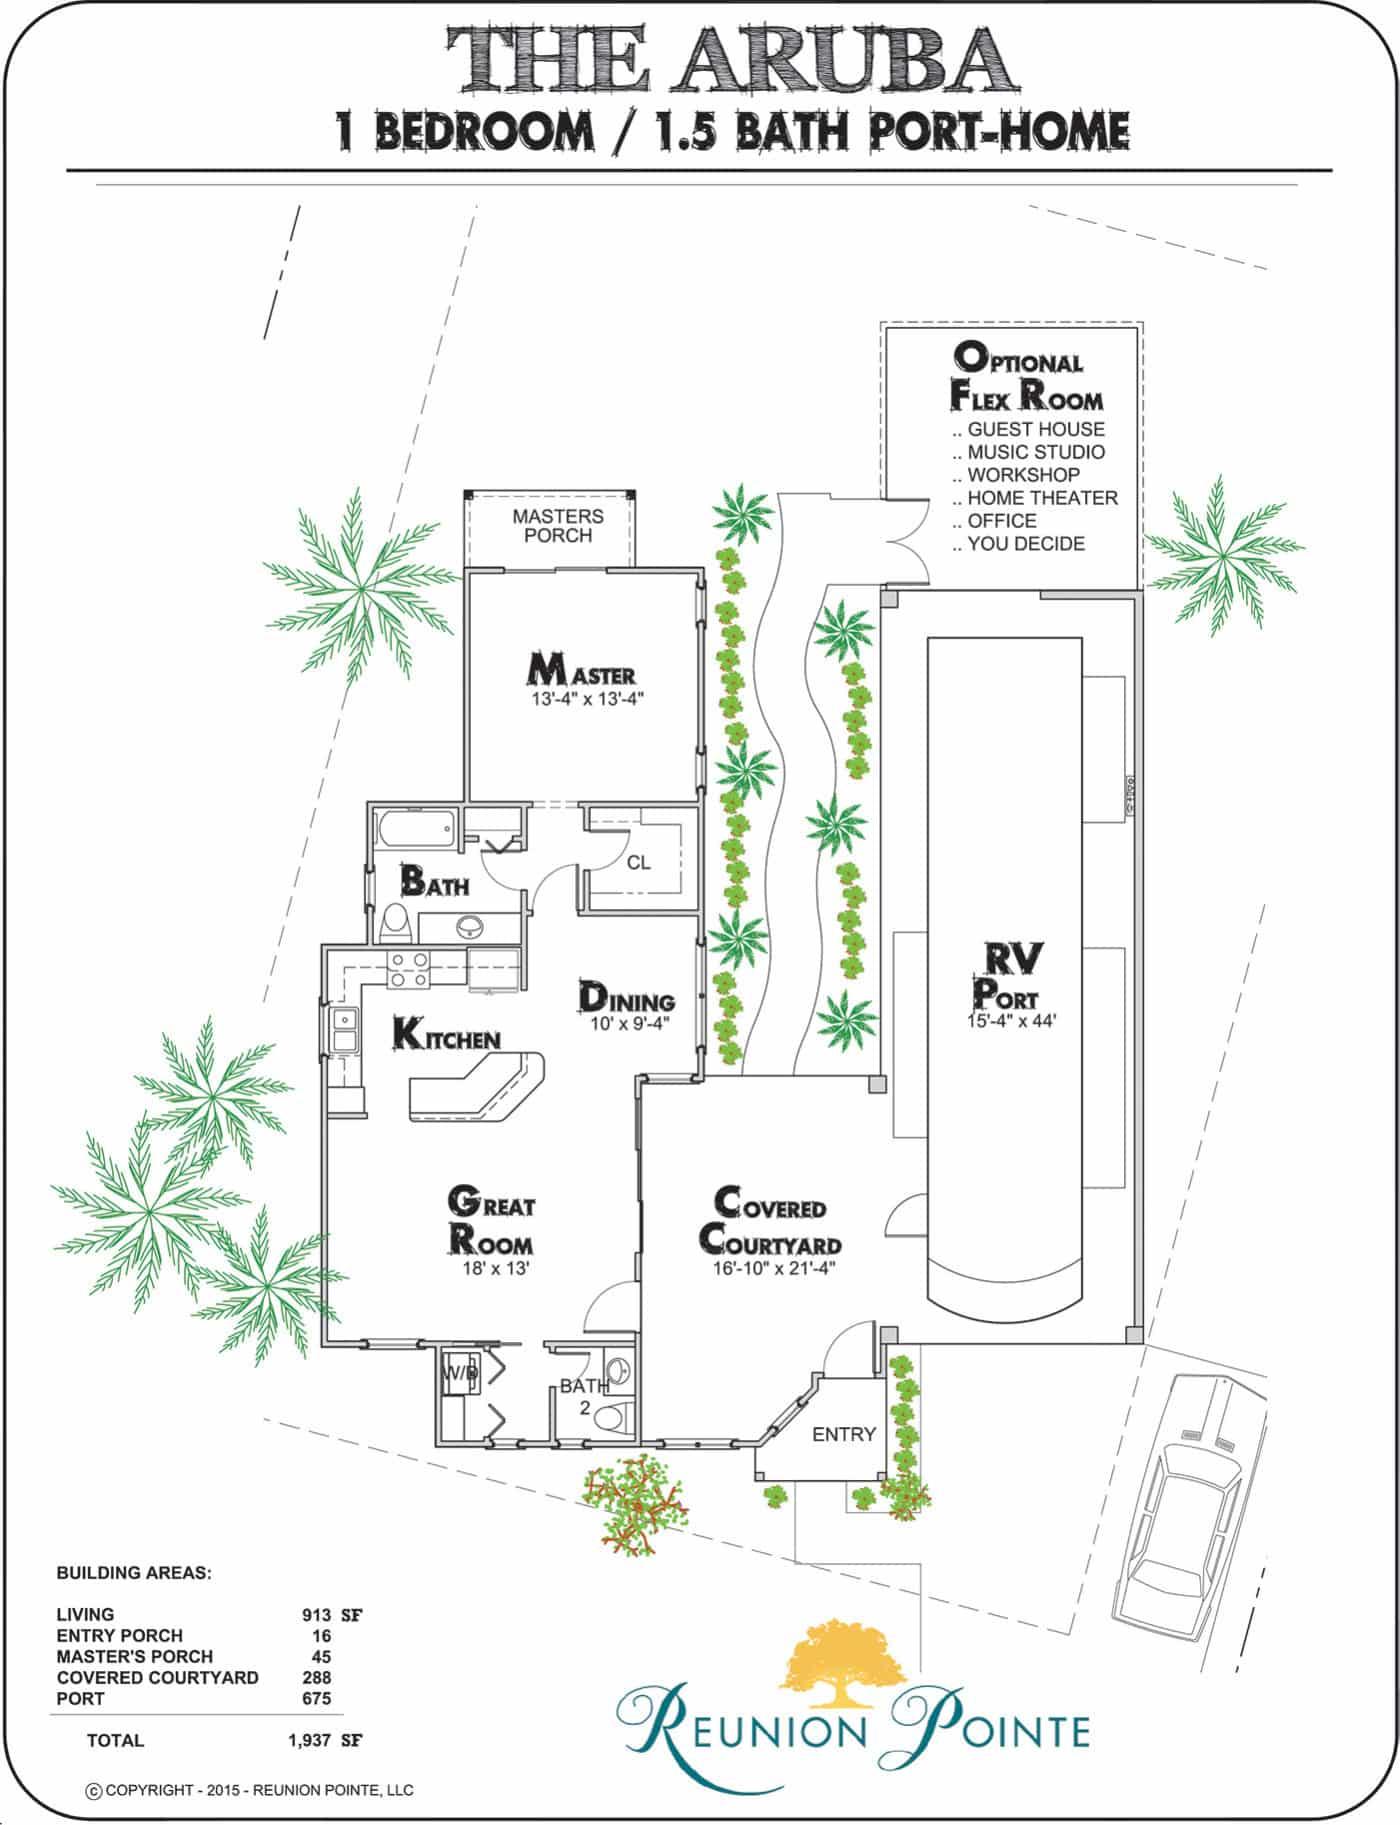 Aruba RV Port-Home Model Floorplan